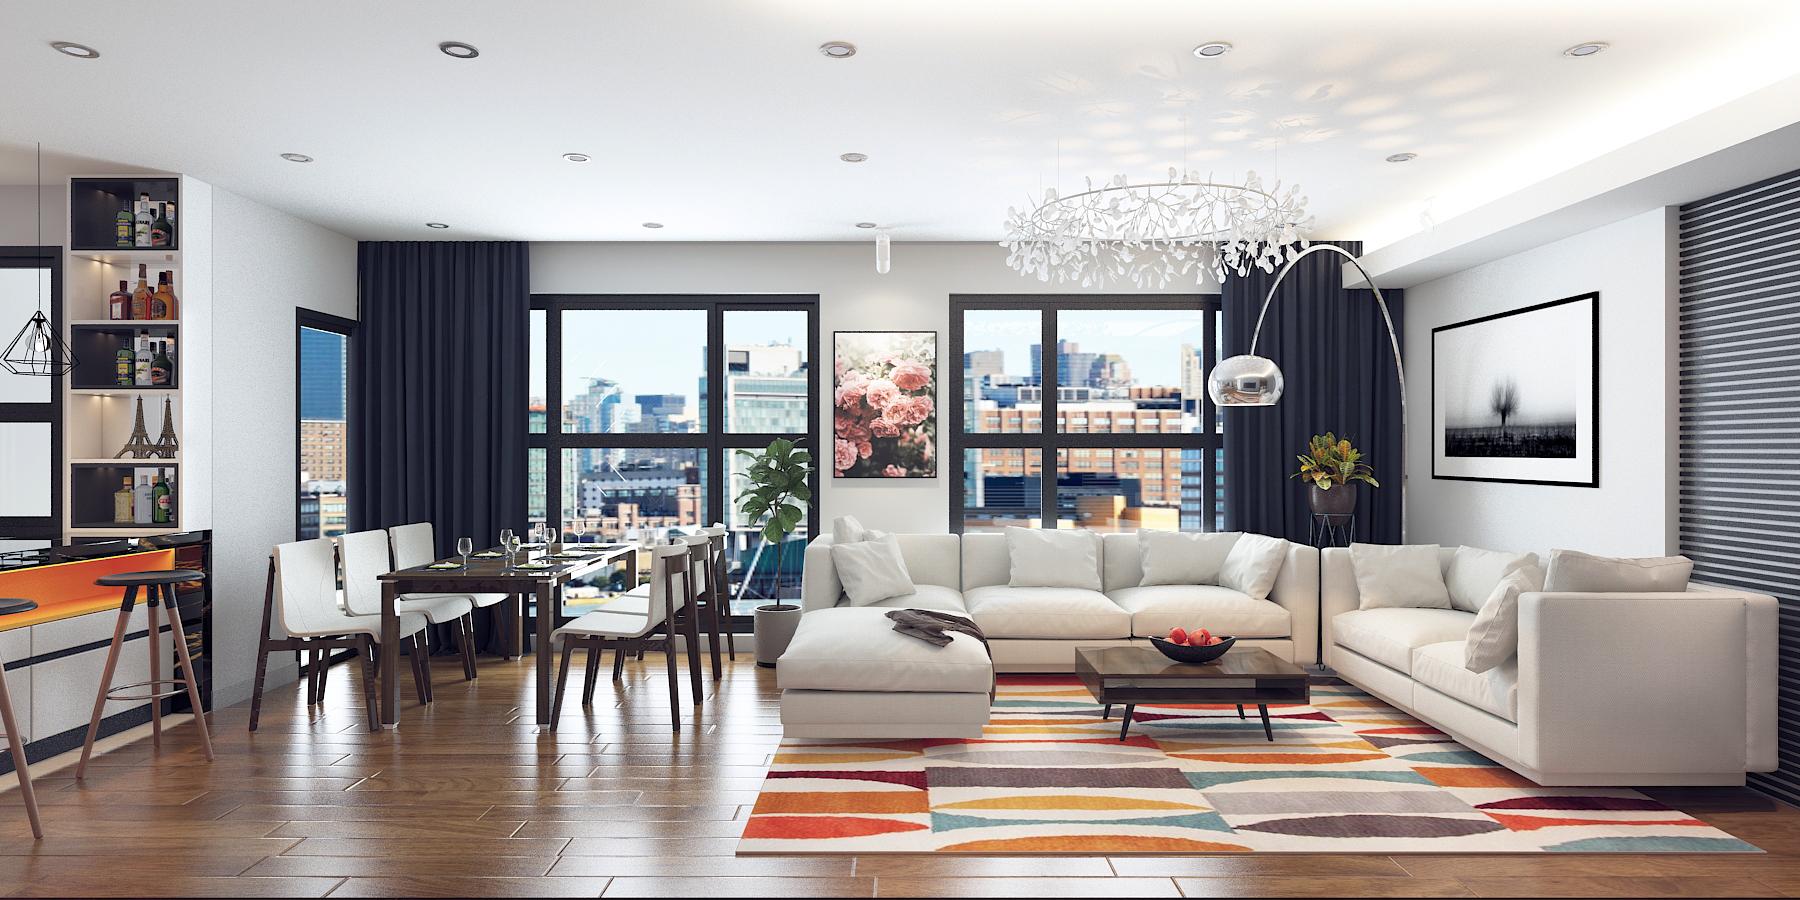 Tận dụng ánh sáng trong thiết kế nội thất và nhà ở